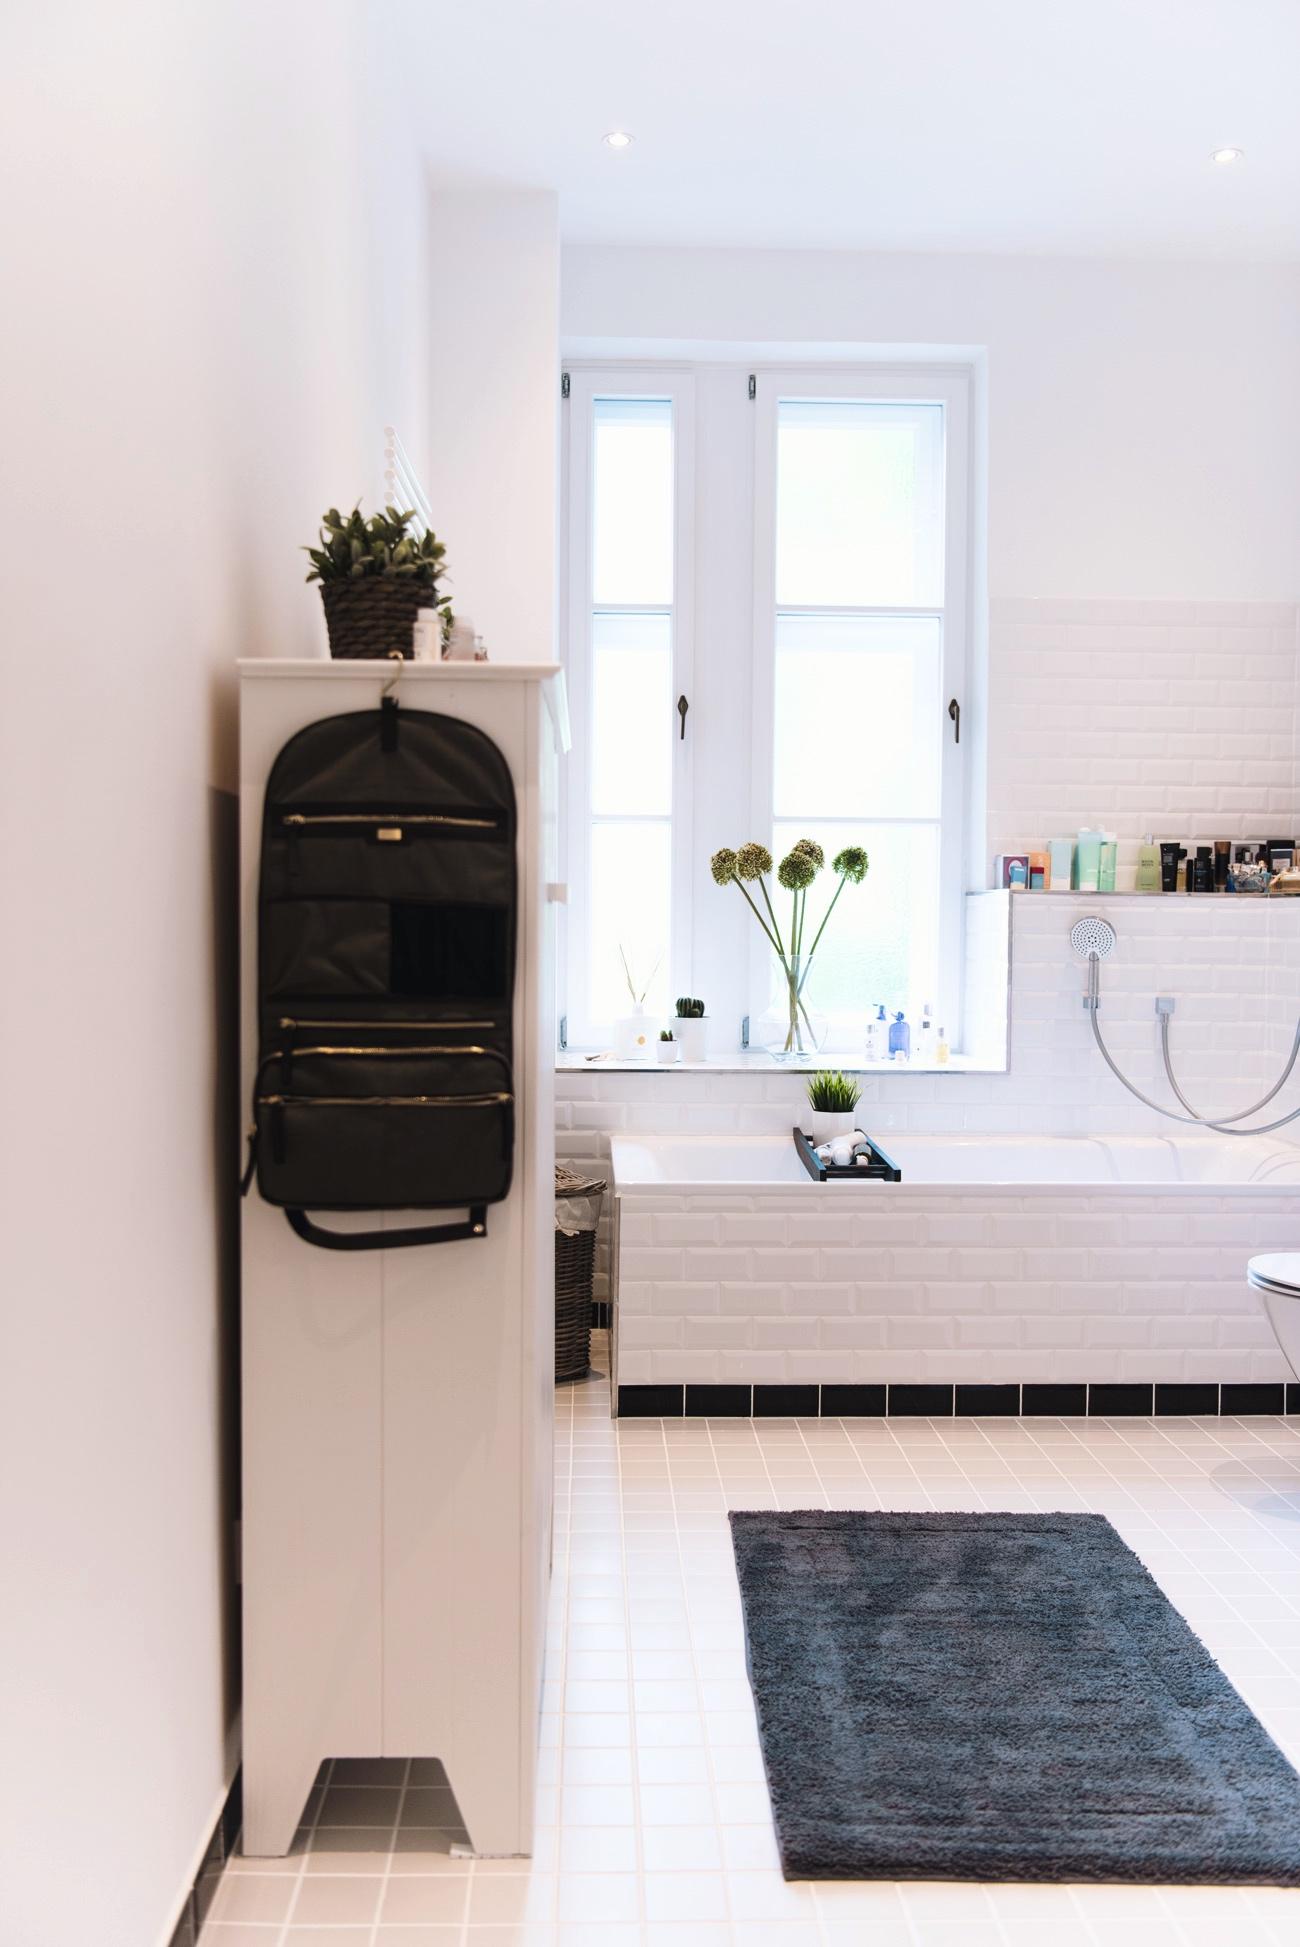 Dekorations-ideen-parfüm-badezimmer-düfte-dekorieren-blogger-wohnung-mümnchen-altbau-nina-fashiioncarpet